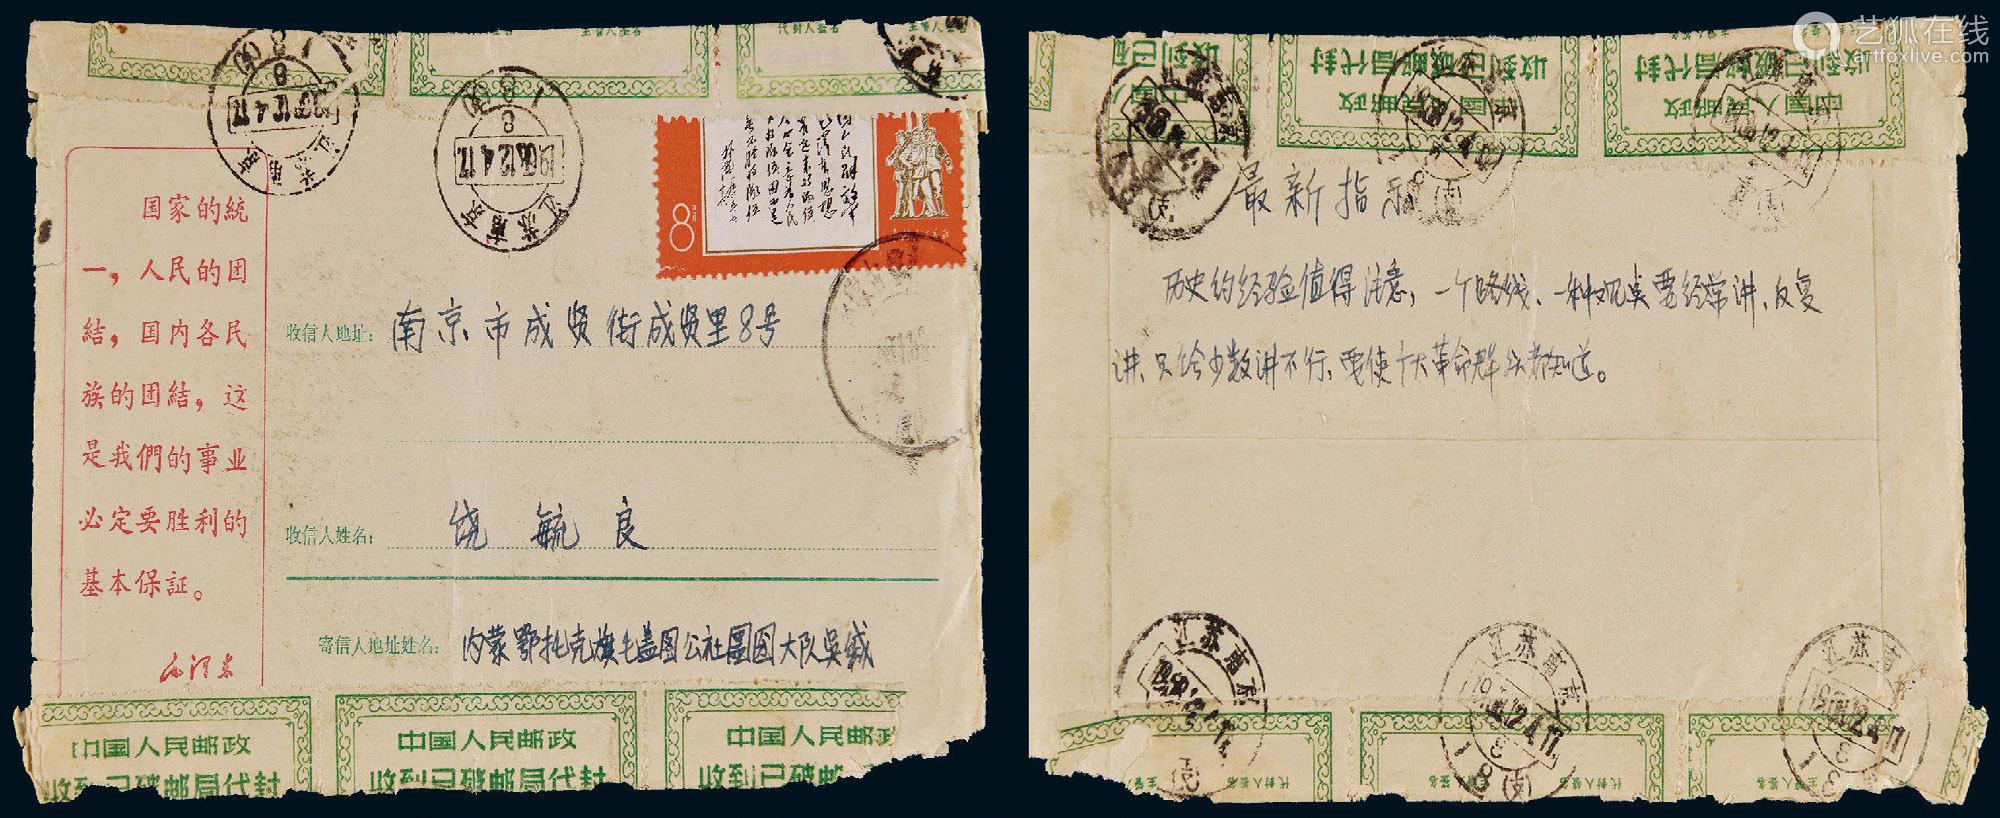 1968年内蒙古寄南京贴代封纸文革封。贴文11邮票8分一枚